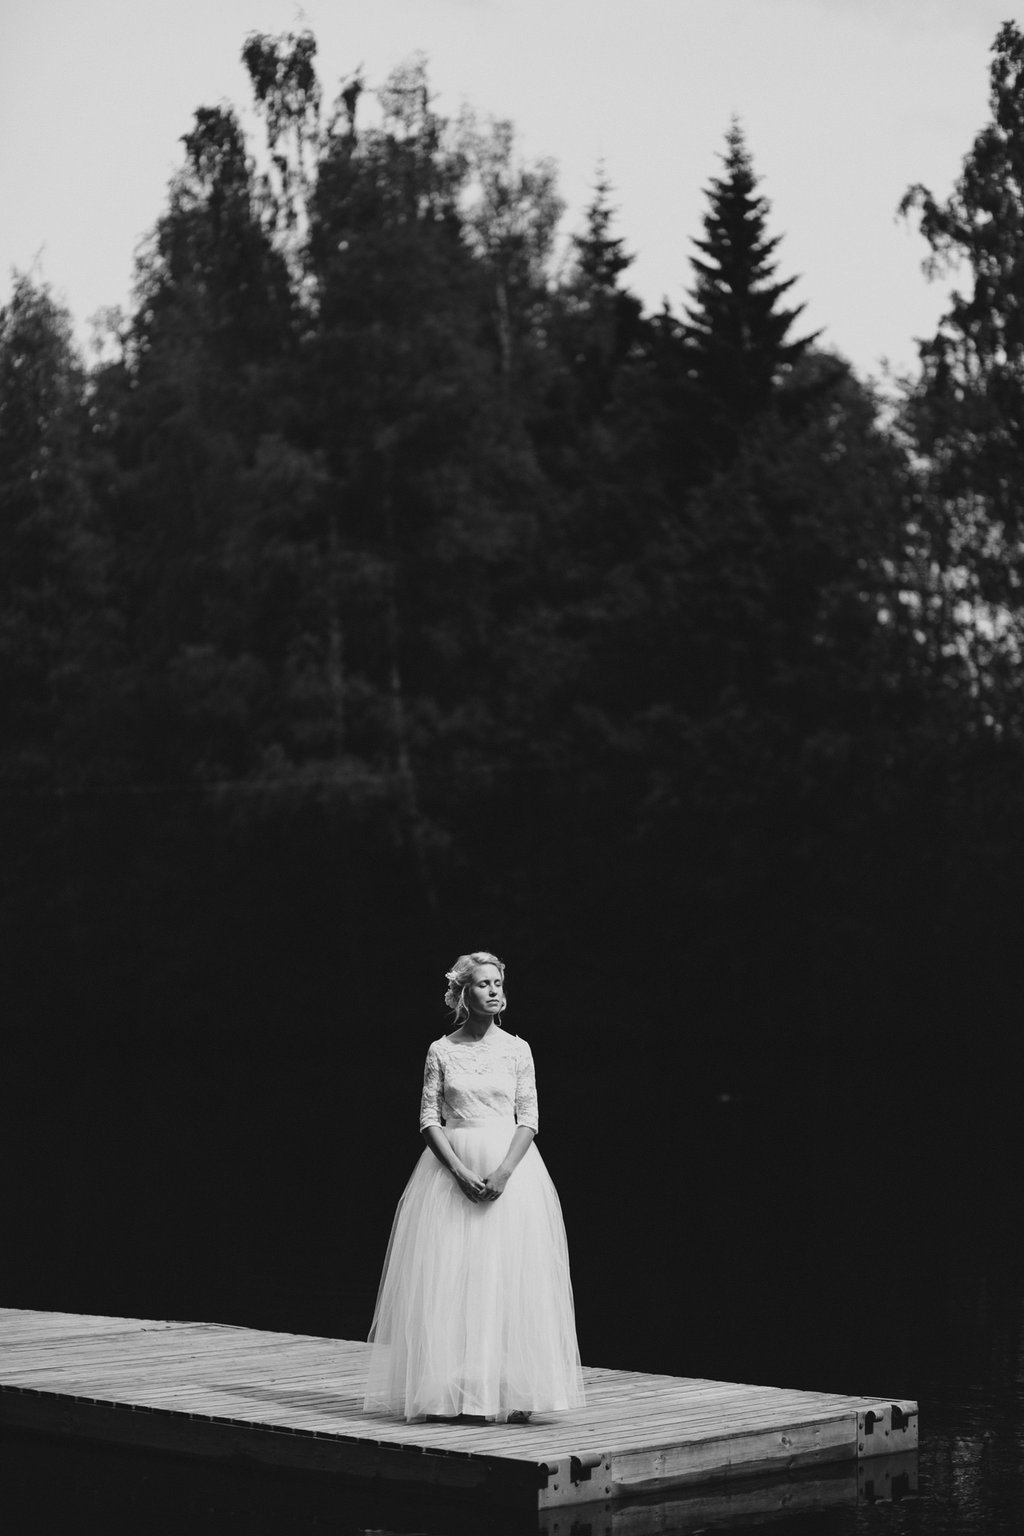 140607_wedding_emelie_gustav_pp-519.jpg